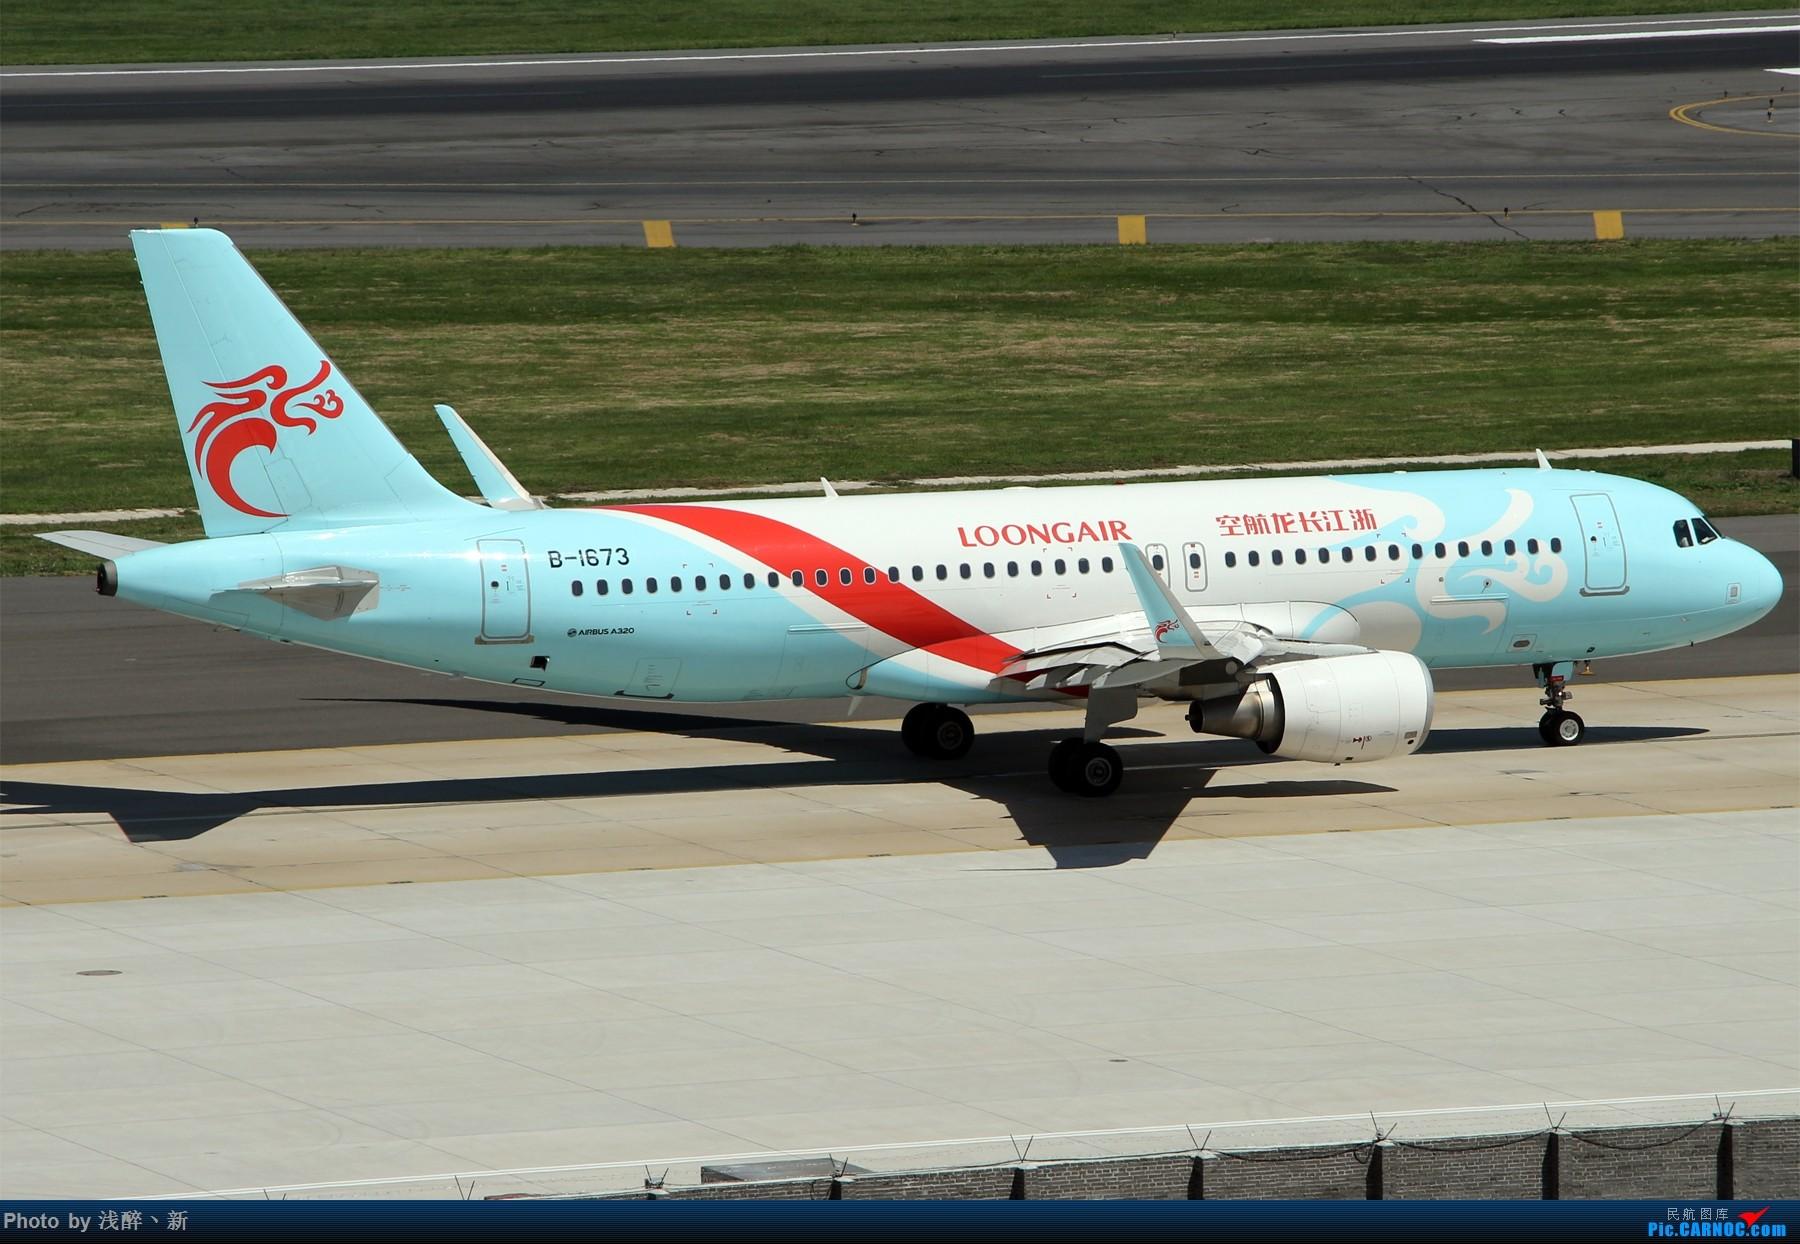 [原创]DLC 8.26 日常[补] AIRBUS A320-200 B-1673 中国大连国际机场